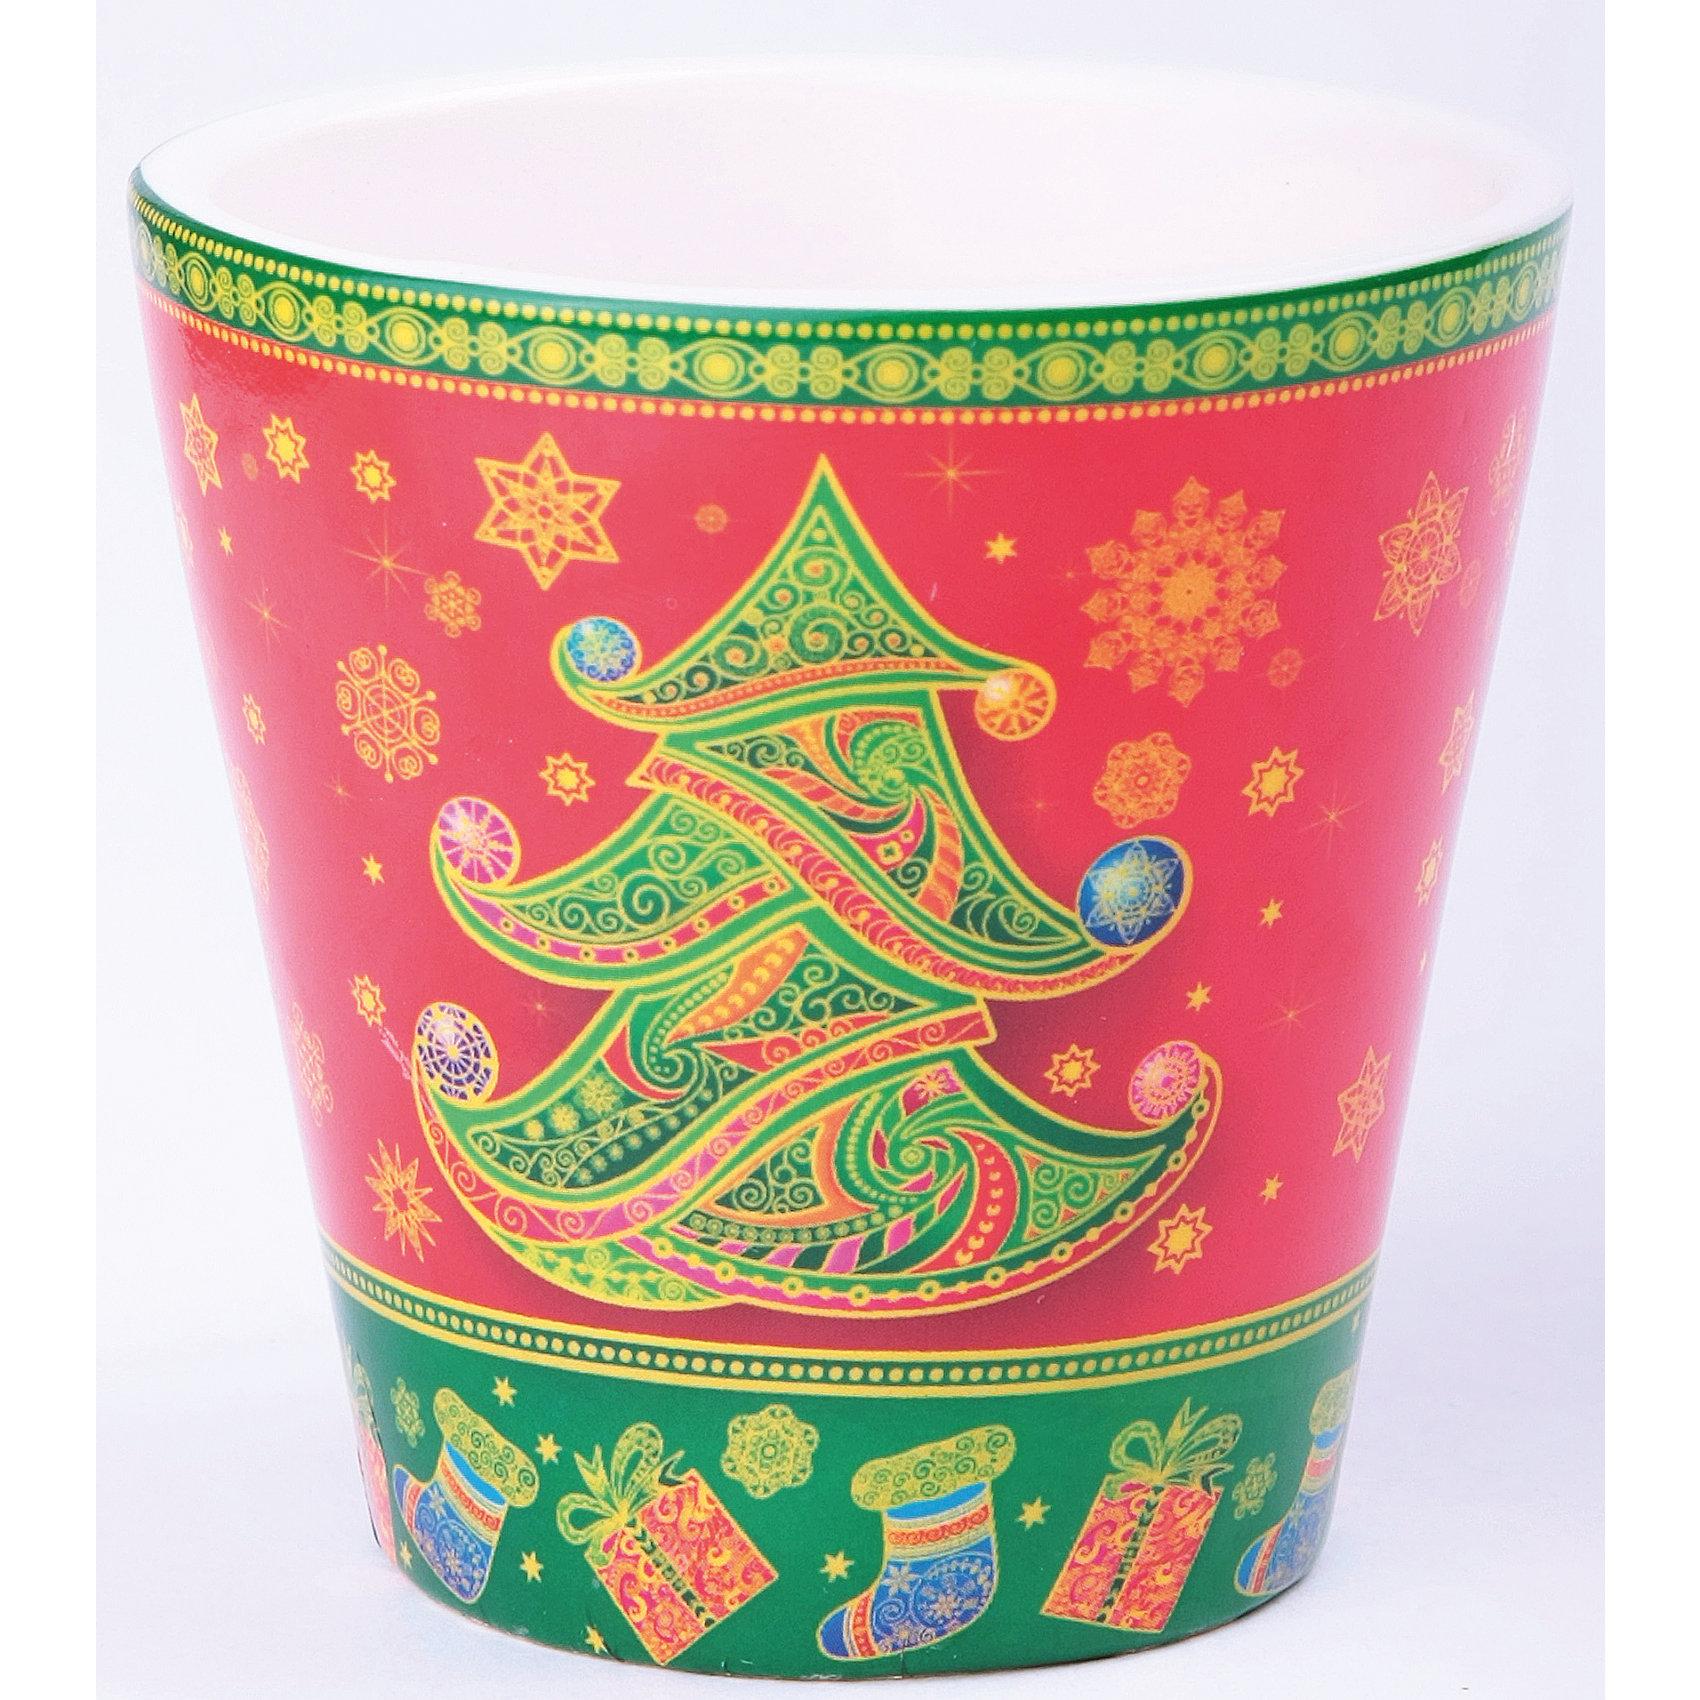 Декоративная свеча 7*7 см ЕлочкаДекоративная свеча, Феникс-презент, станет замечательным украшением Вашего новогоднего интерьера и приятным сувениром для родных и друзей. Восковая свеча помещена в яркий керамический стакан, украшенный изображением новогодней елки и красивых снежинок.<br>Нарядная свеча с привлекательным дизайном будет создавать атмосферу уюта и волшебных новогодних праздников.<br><br><br>Дополнительная информация:<br><br>- Материал: парафиновый воск, керамика.<br>- Размер свечи: 7 х 7 см.<br><br><br>Декоративную свечу, Феникс-презент, можно купить в нашем интернет-магазине.<br><br>Ширина мм: 80<br>Глубина мм: 80<br>Высота мм: 40<br>Вес г: 100<br>Возраст от месяцев: 36<br>Возраст до месяцев: 2147483647<br>Пол: Унисекс<br>Возраст: Детский<br>SKU: 4274694